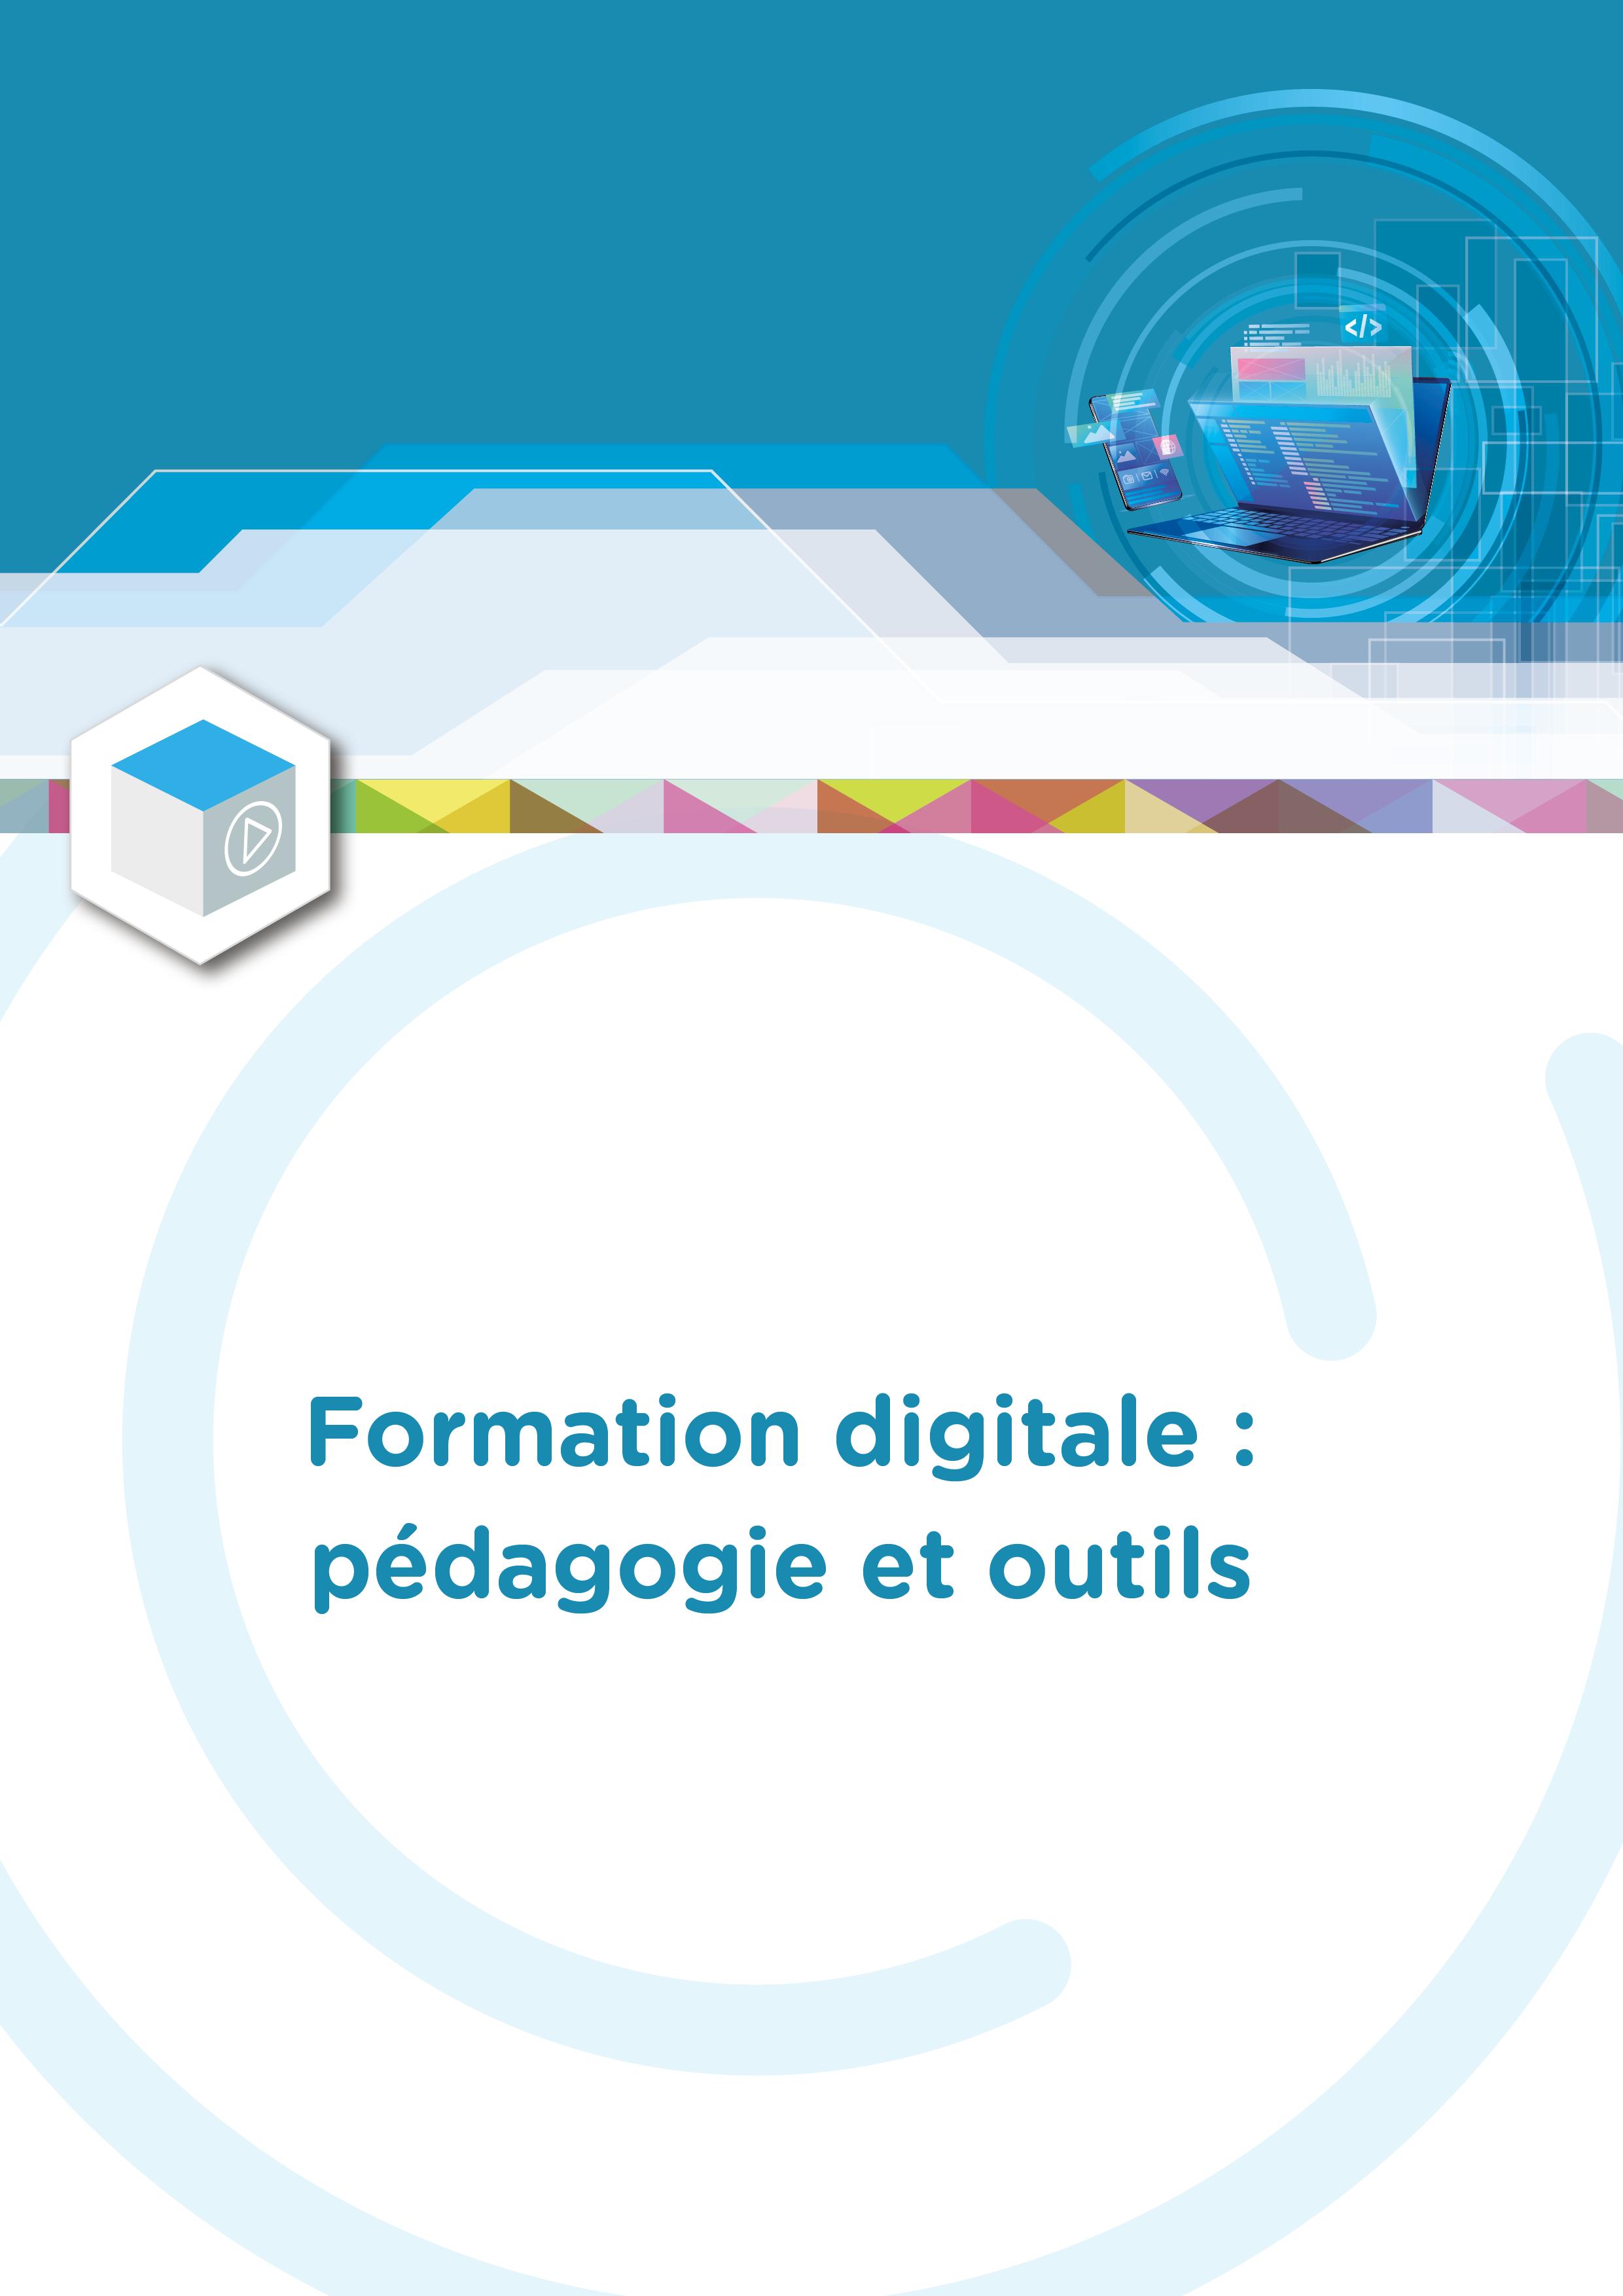 Formation digitale : pédagogie et outils